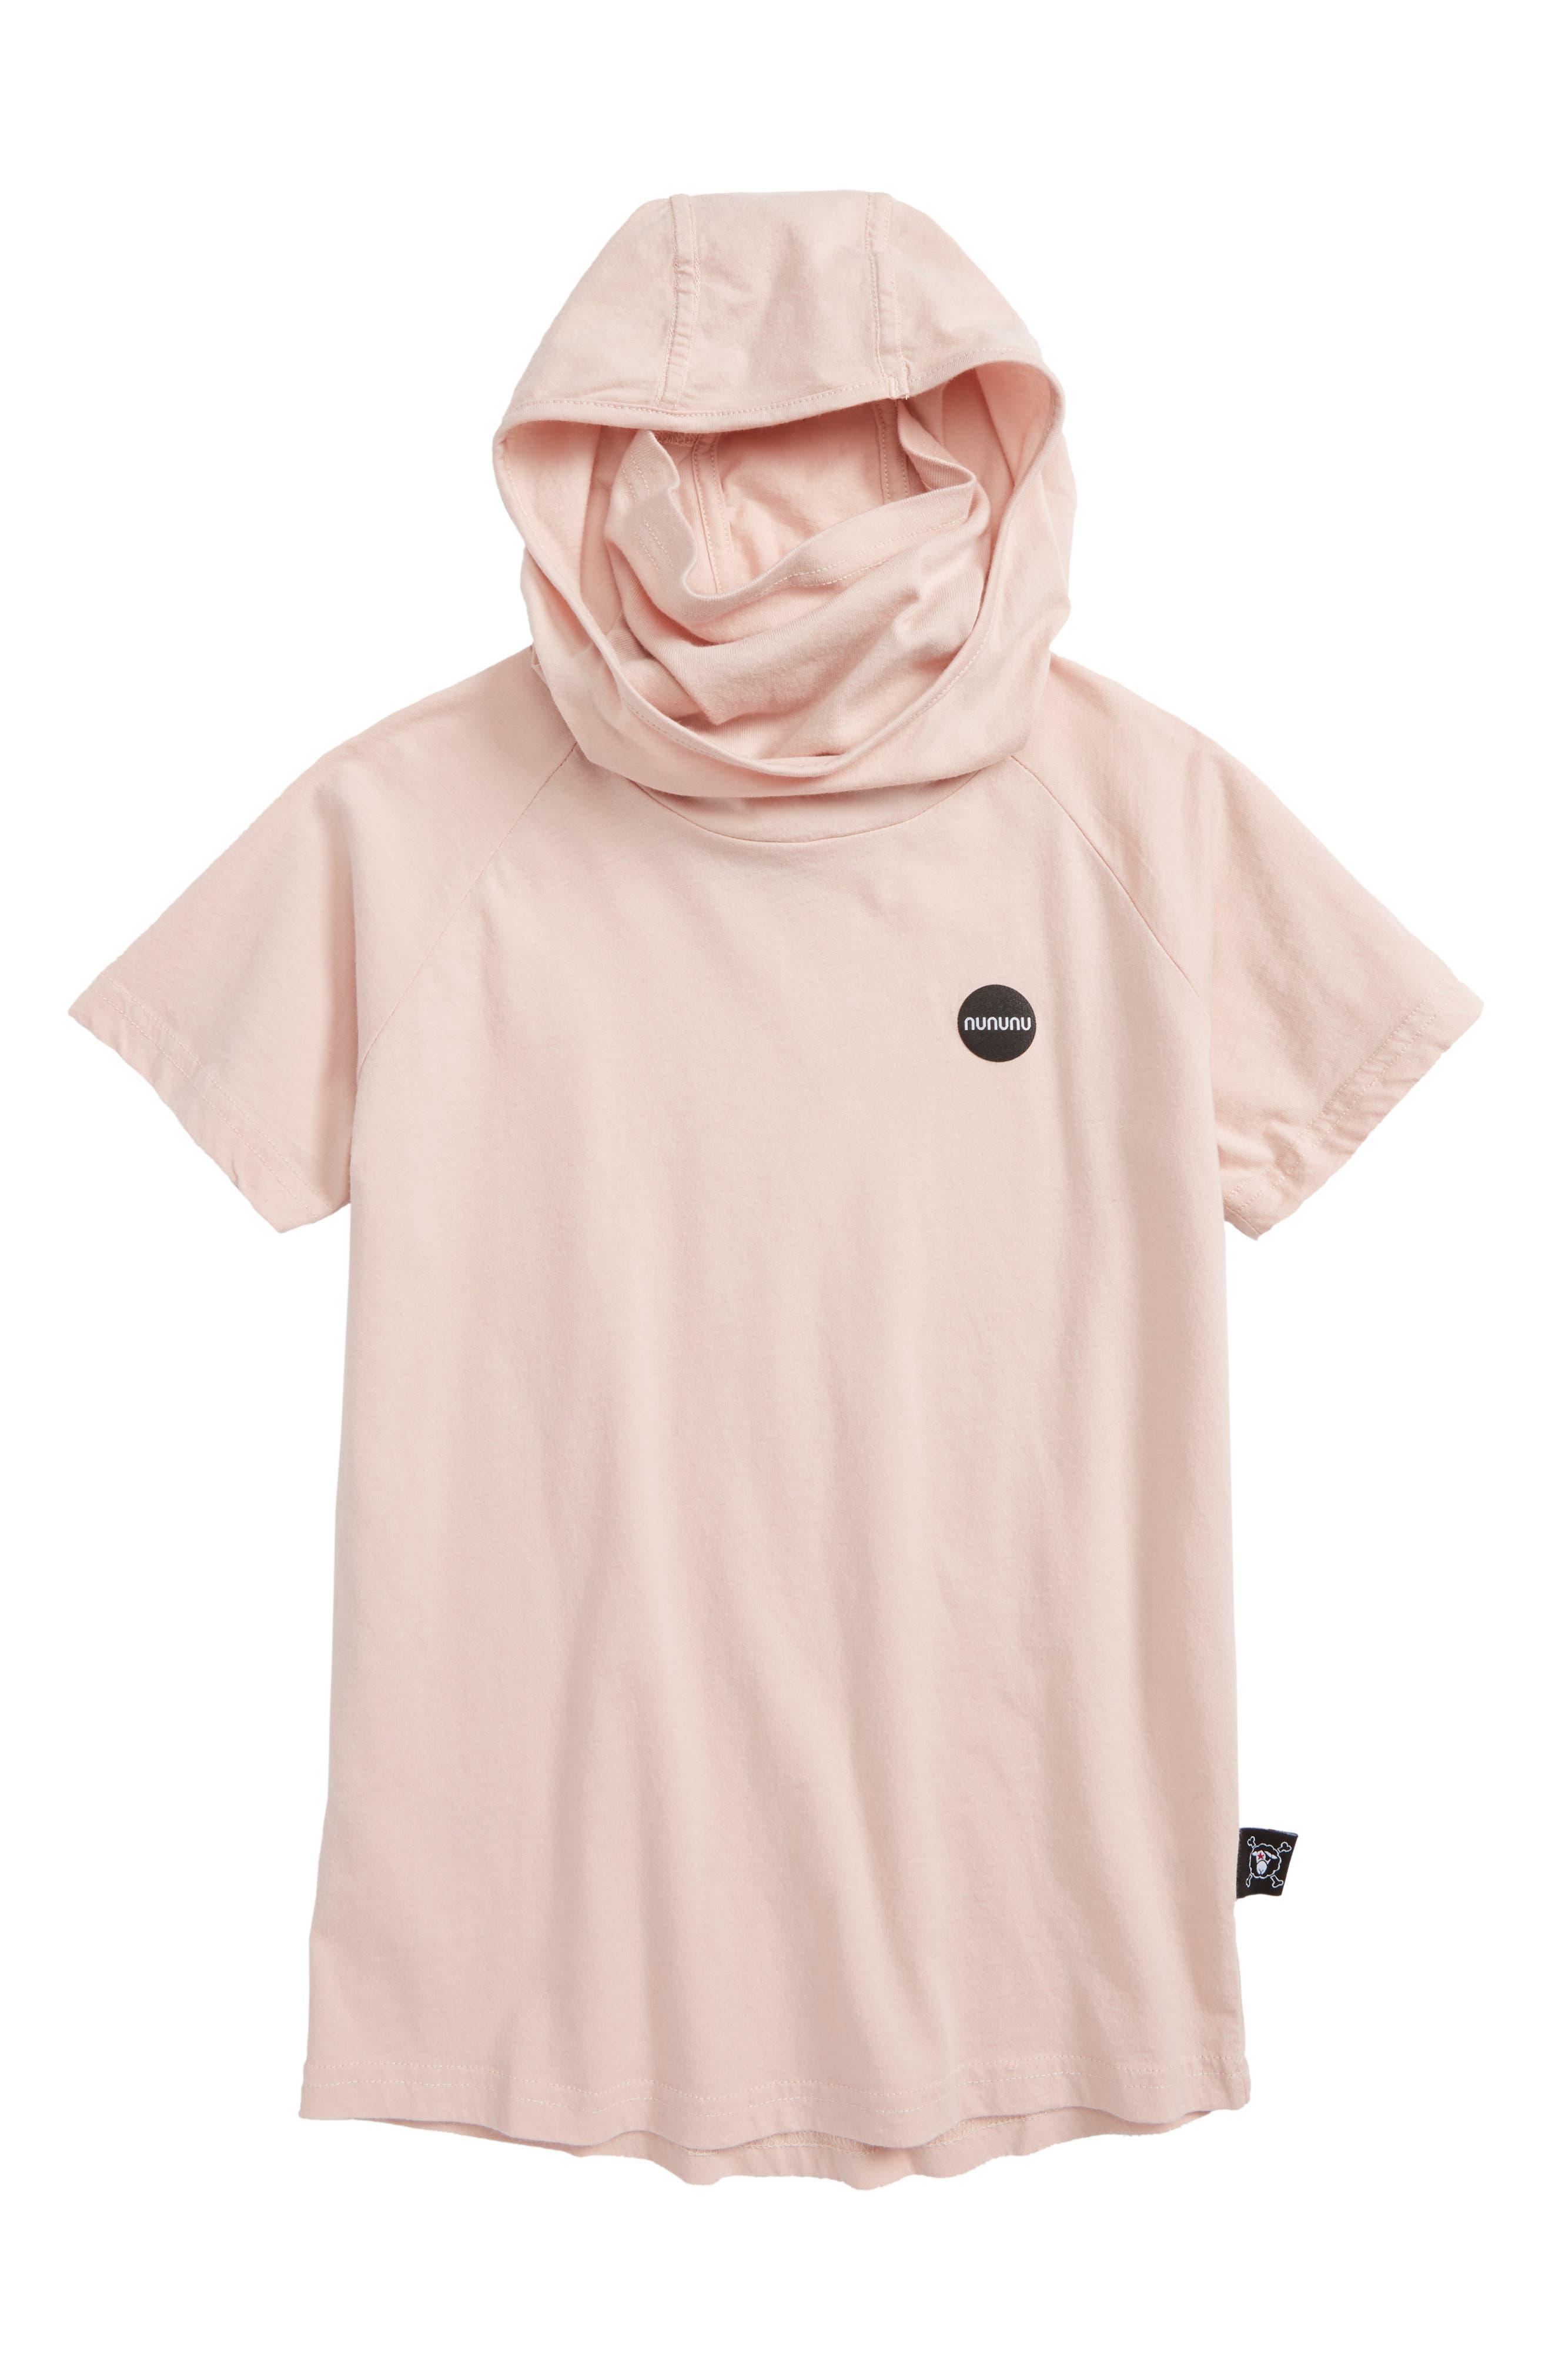 Ninja Hooded T-Shirt,                         Main,                         color, Powder Pink